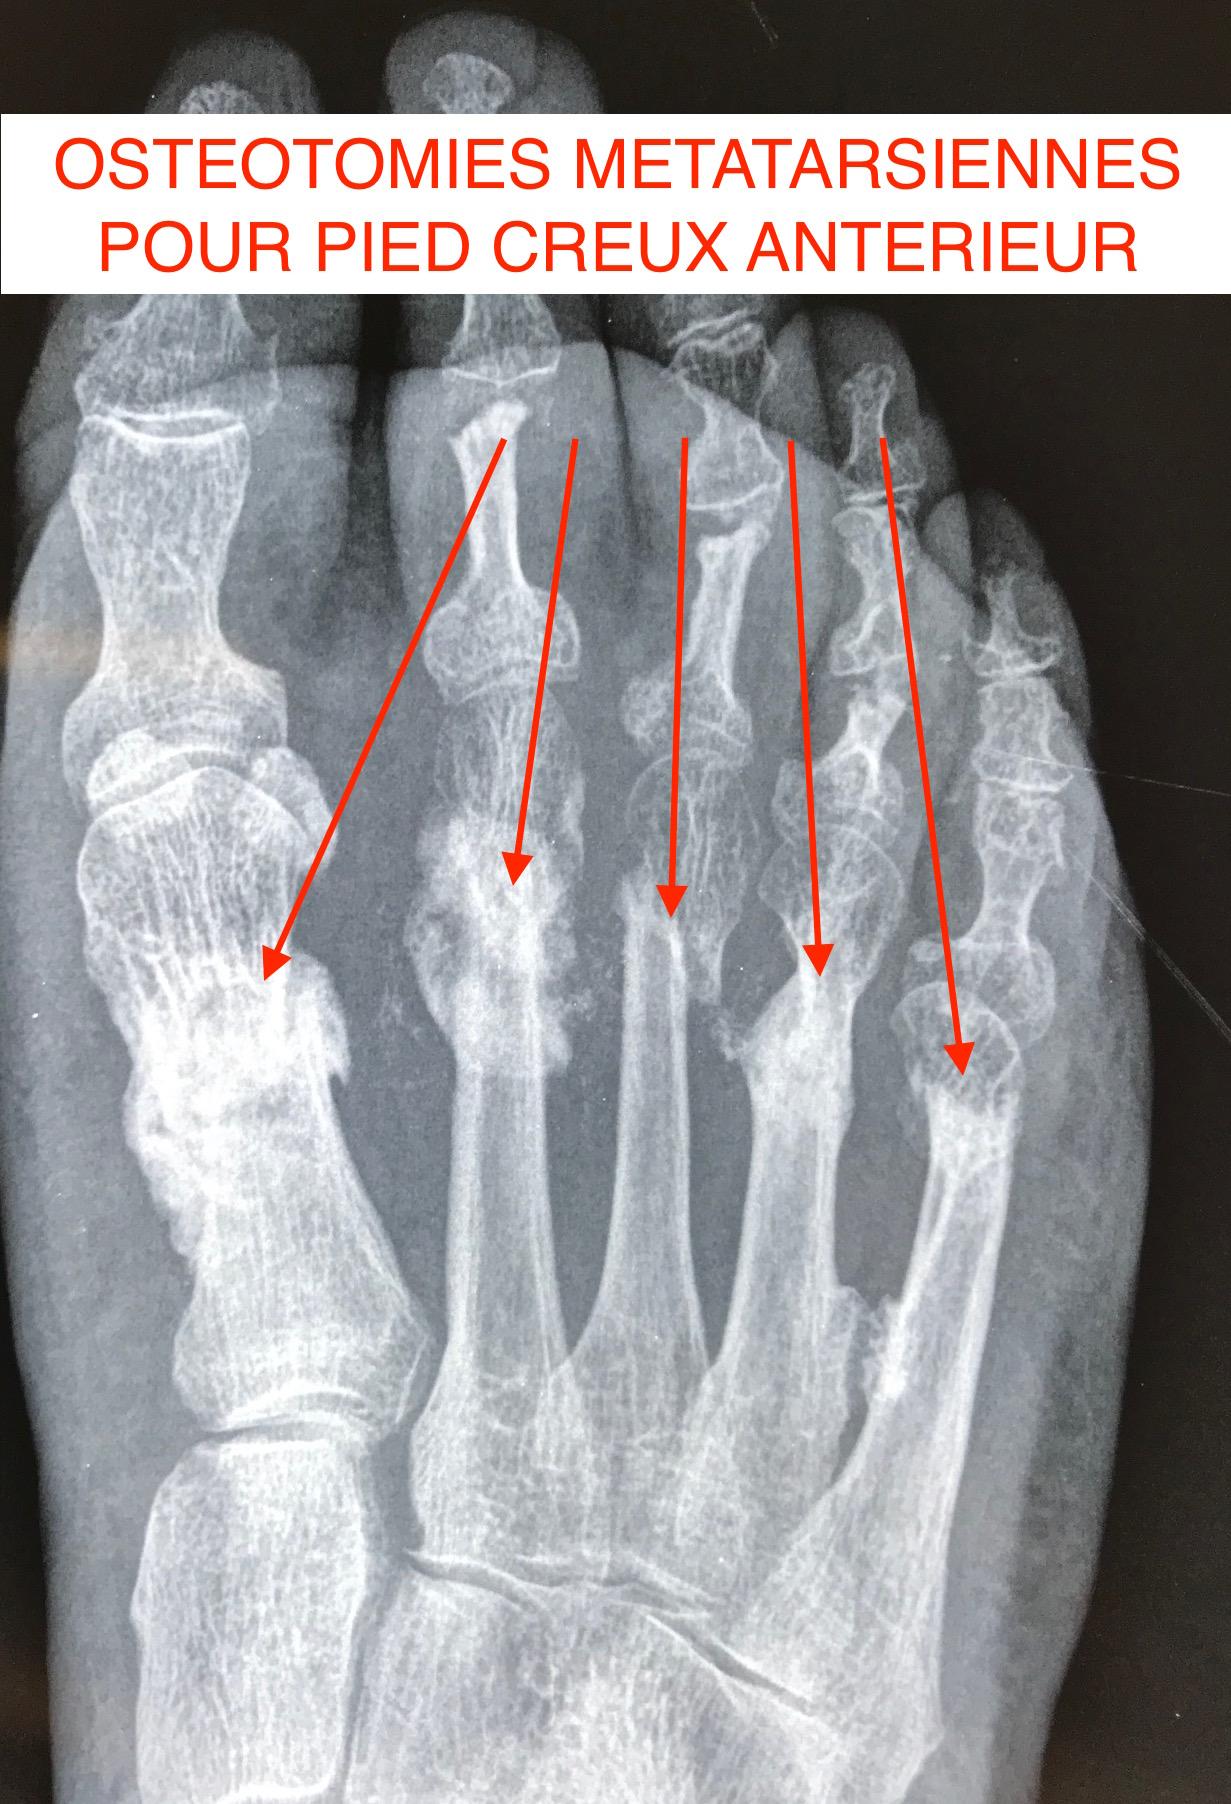 Radio  osteotomies métatarsiennes percutanées pied creux antérieur Docteur Cyril PERRIER Chirurgie pied cheville PCNA NANTES SAINT HERBLAIN